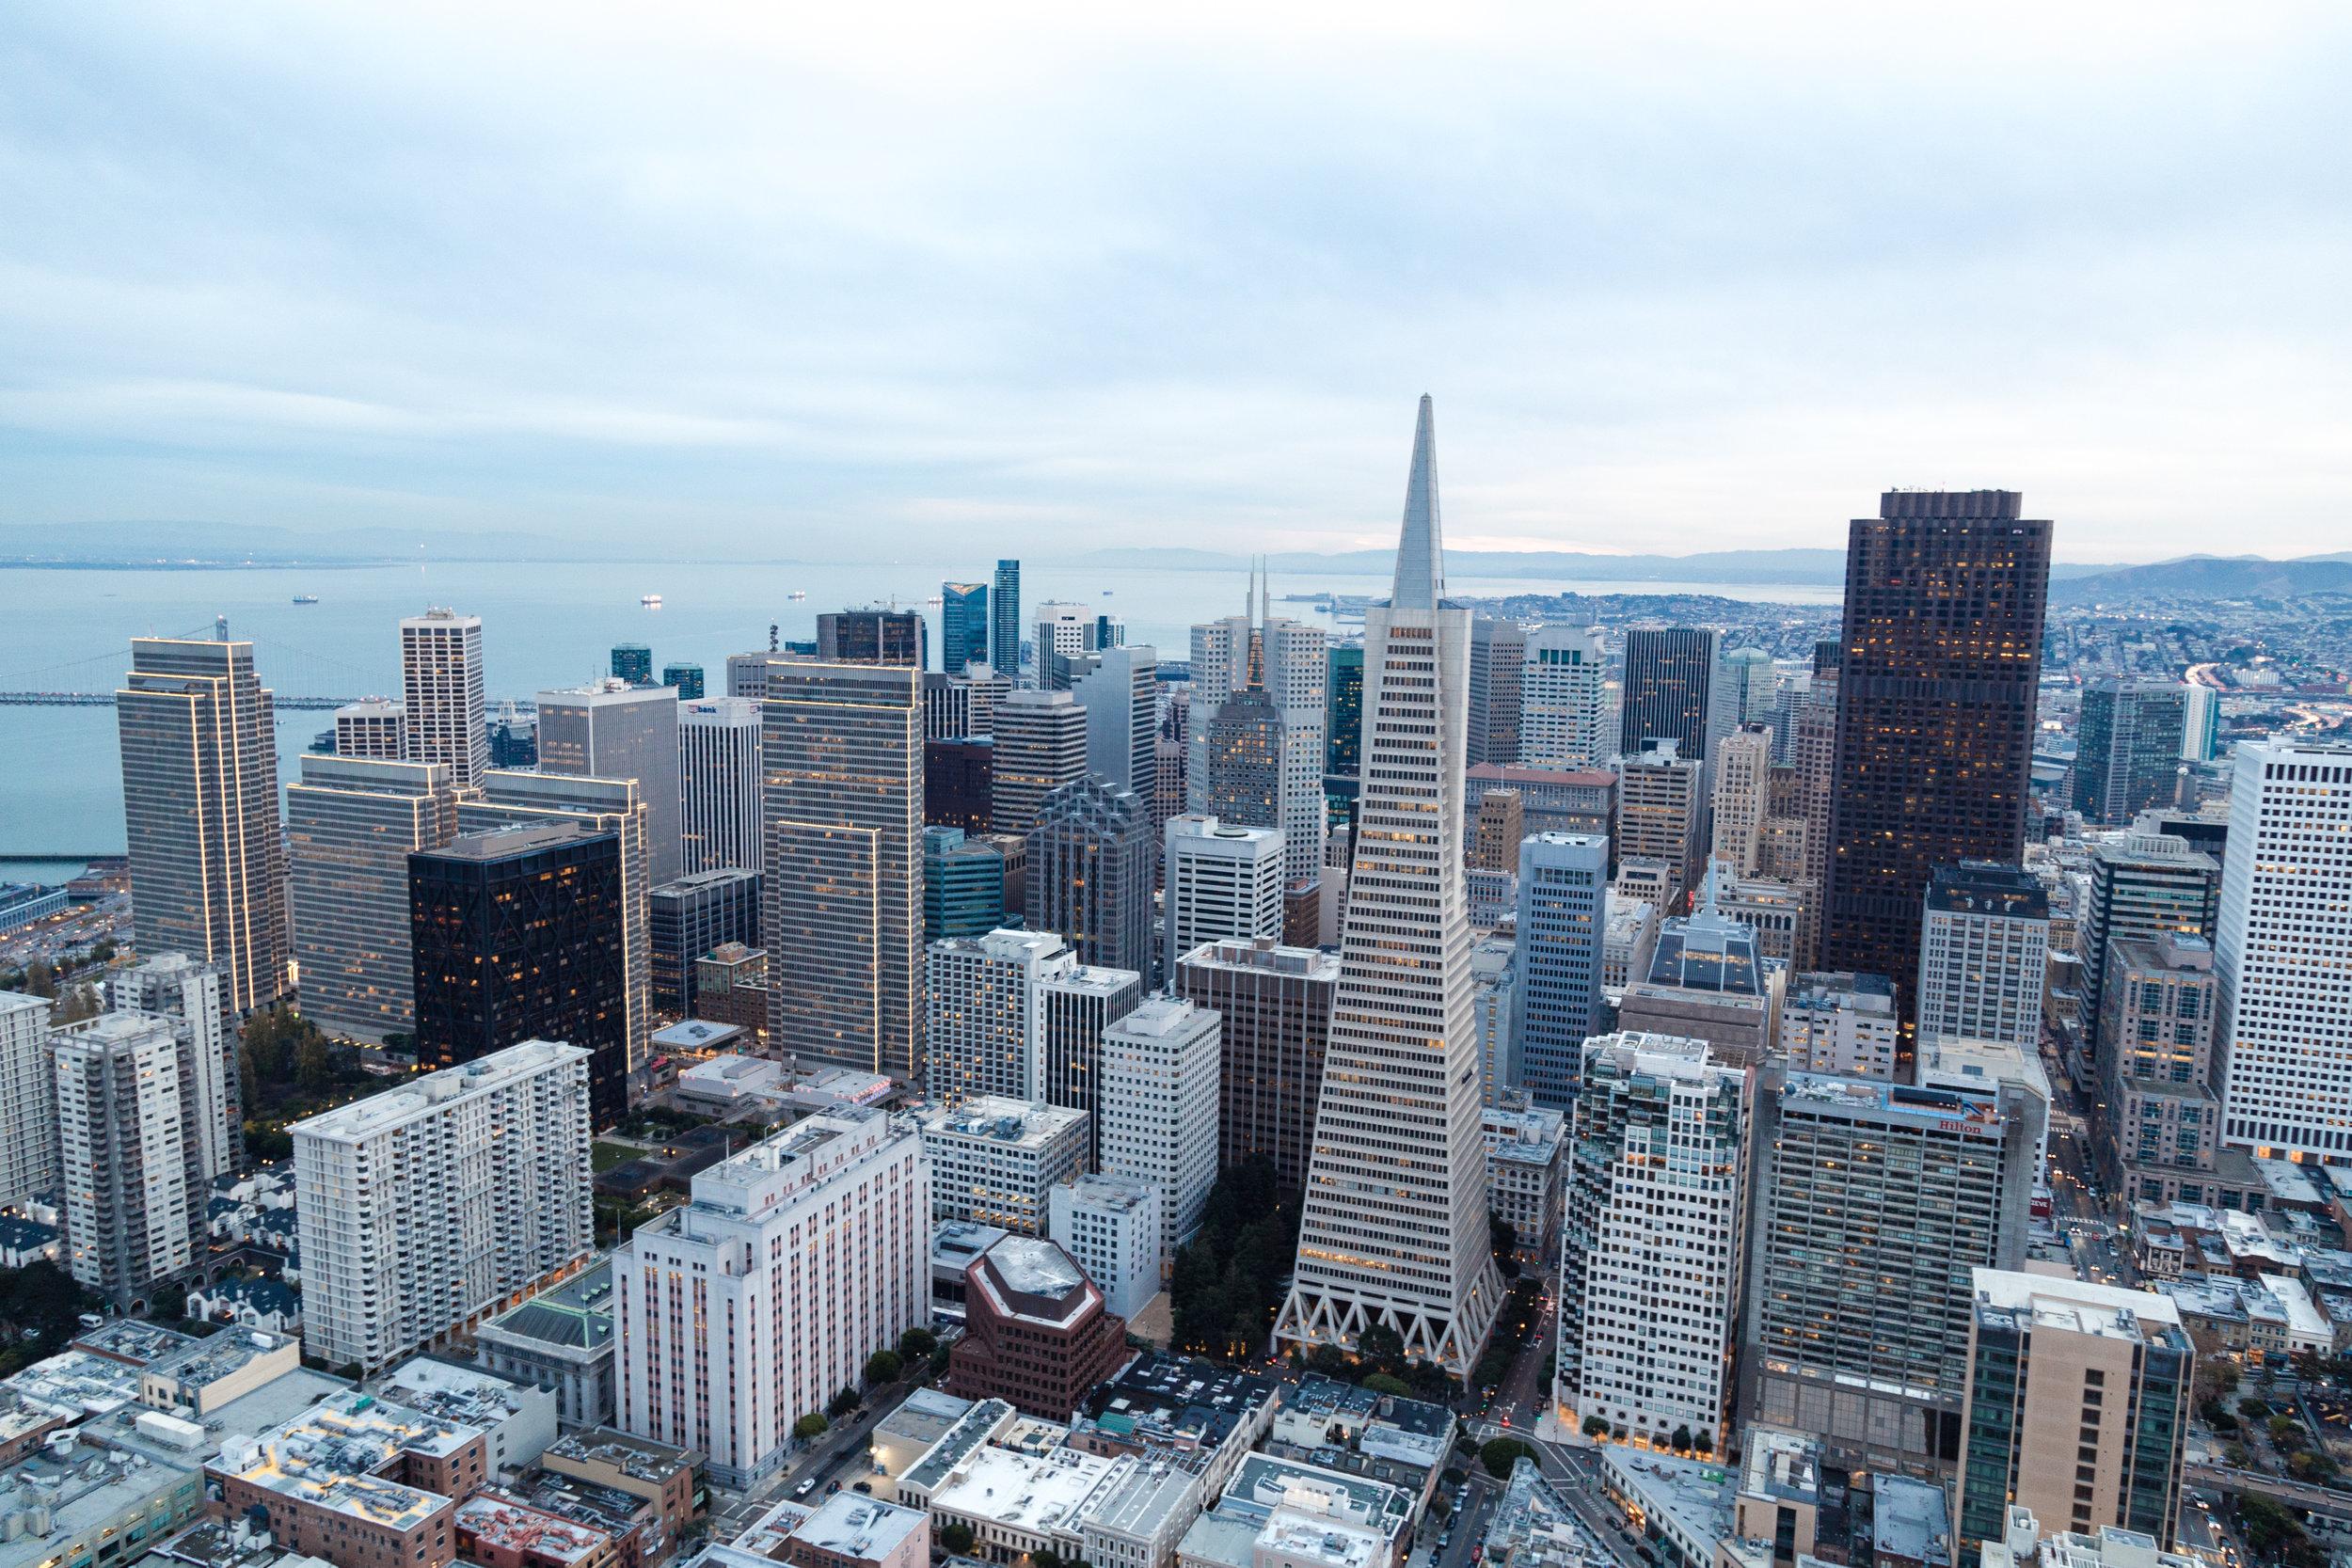 city-road-street-buildings.jpg